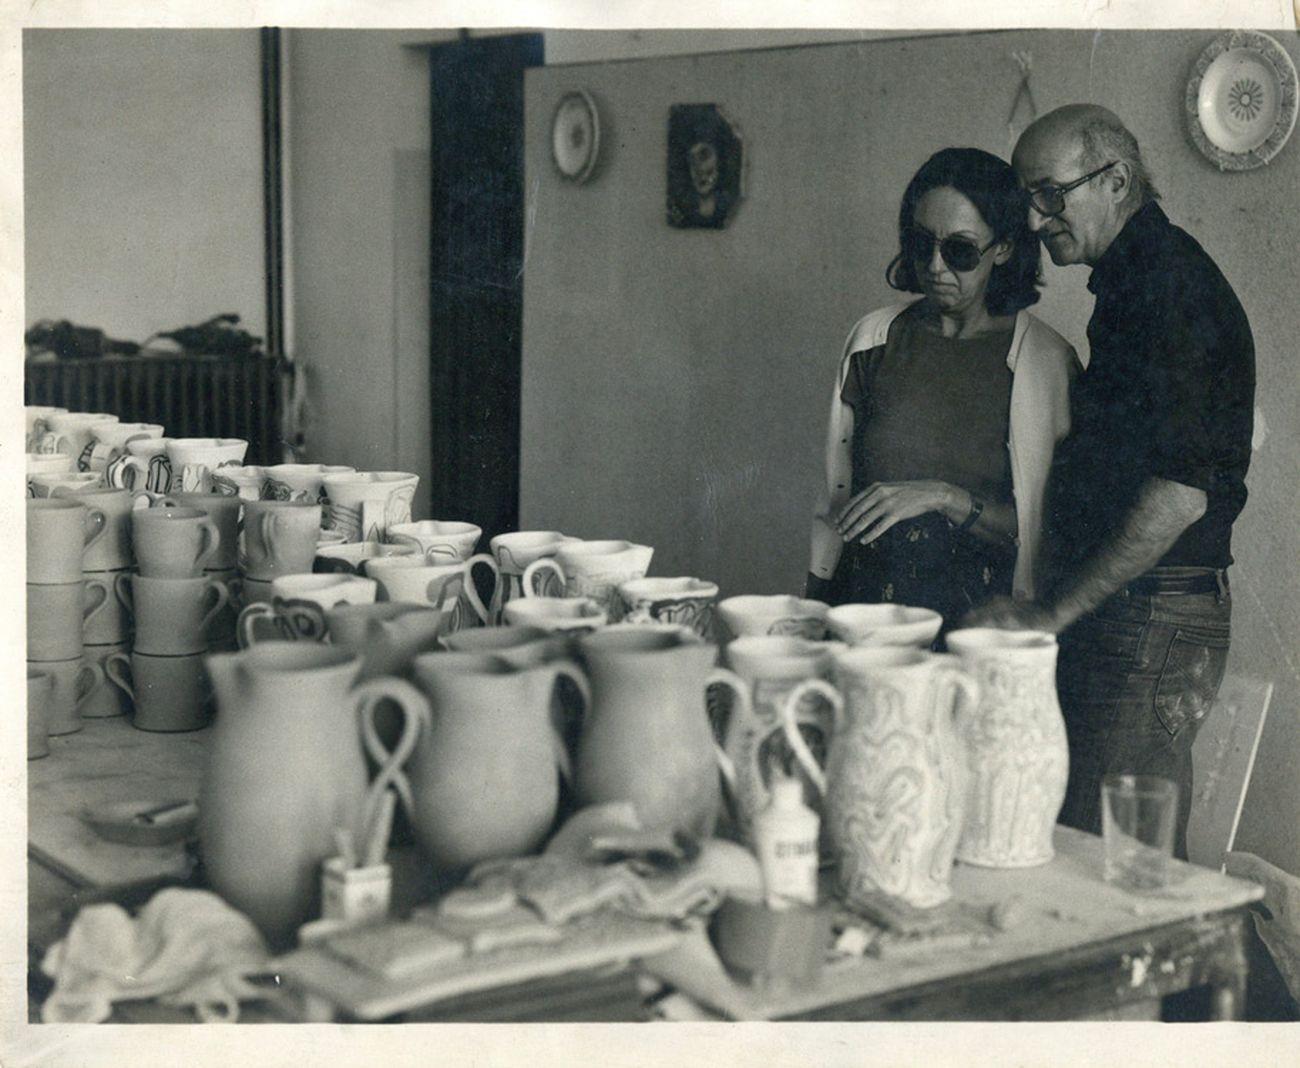 Carla Lonzi e Pietro Consagra. Fondo Carla Lonzi, Galleria Nazionale d'Arte Moderna e Contemporanea